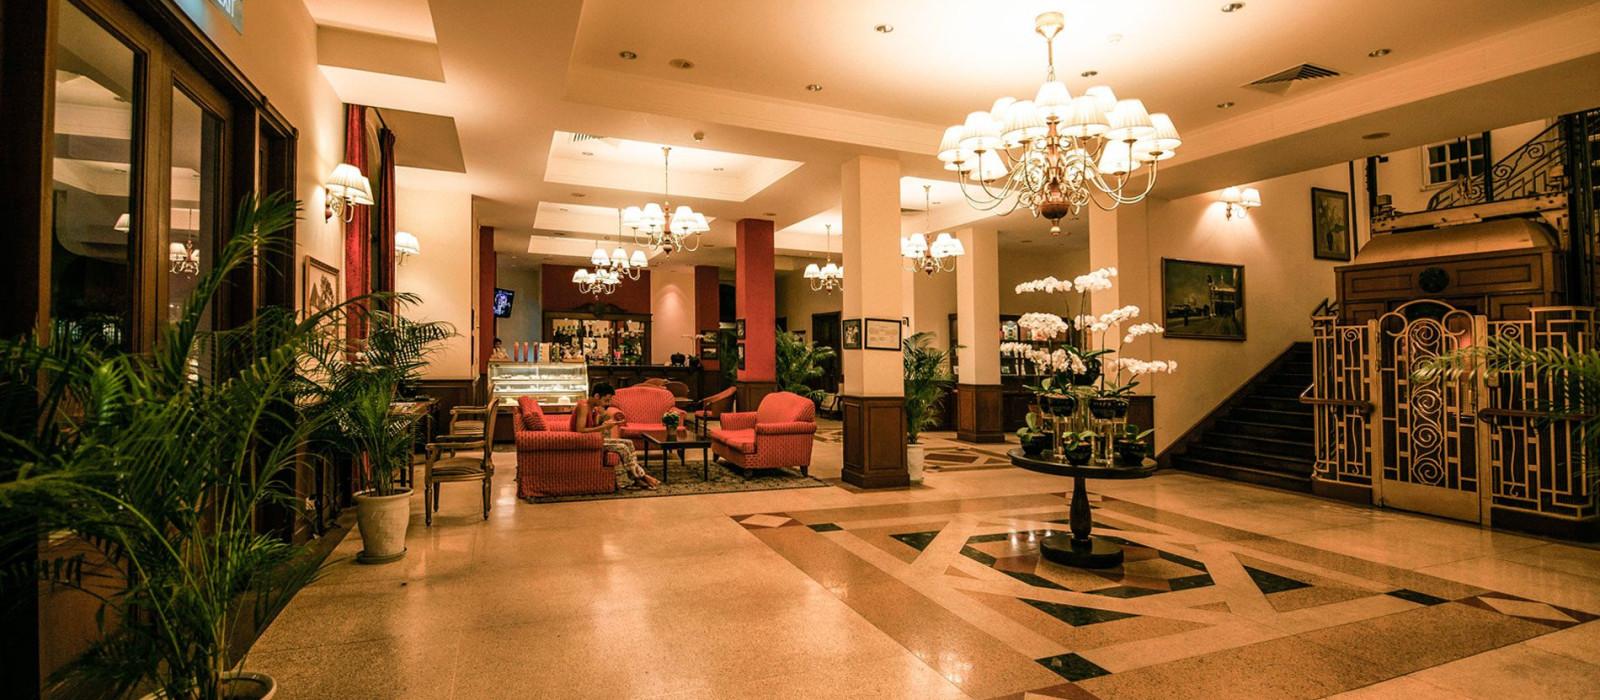 Hotel Mercure Dalat du Parc Vietnam